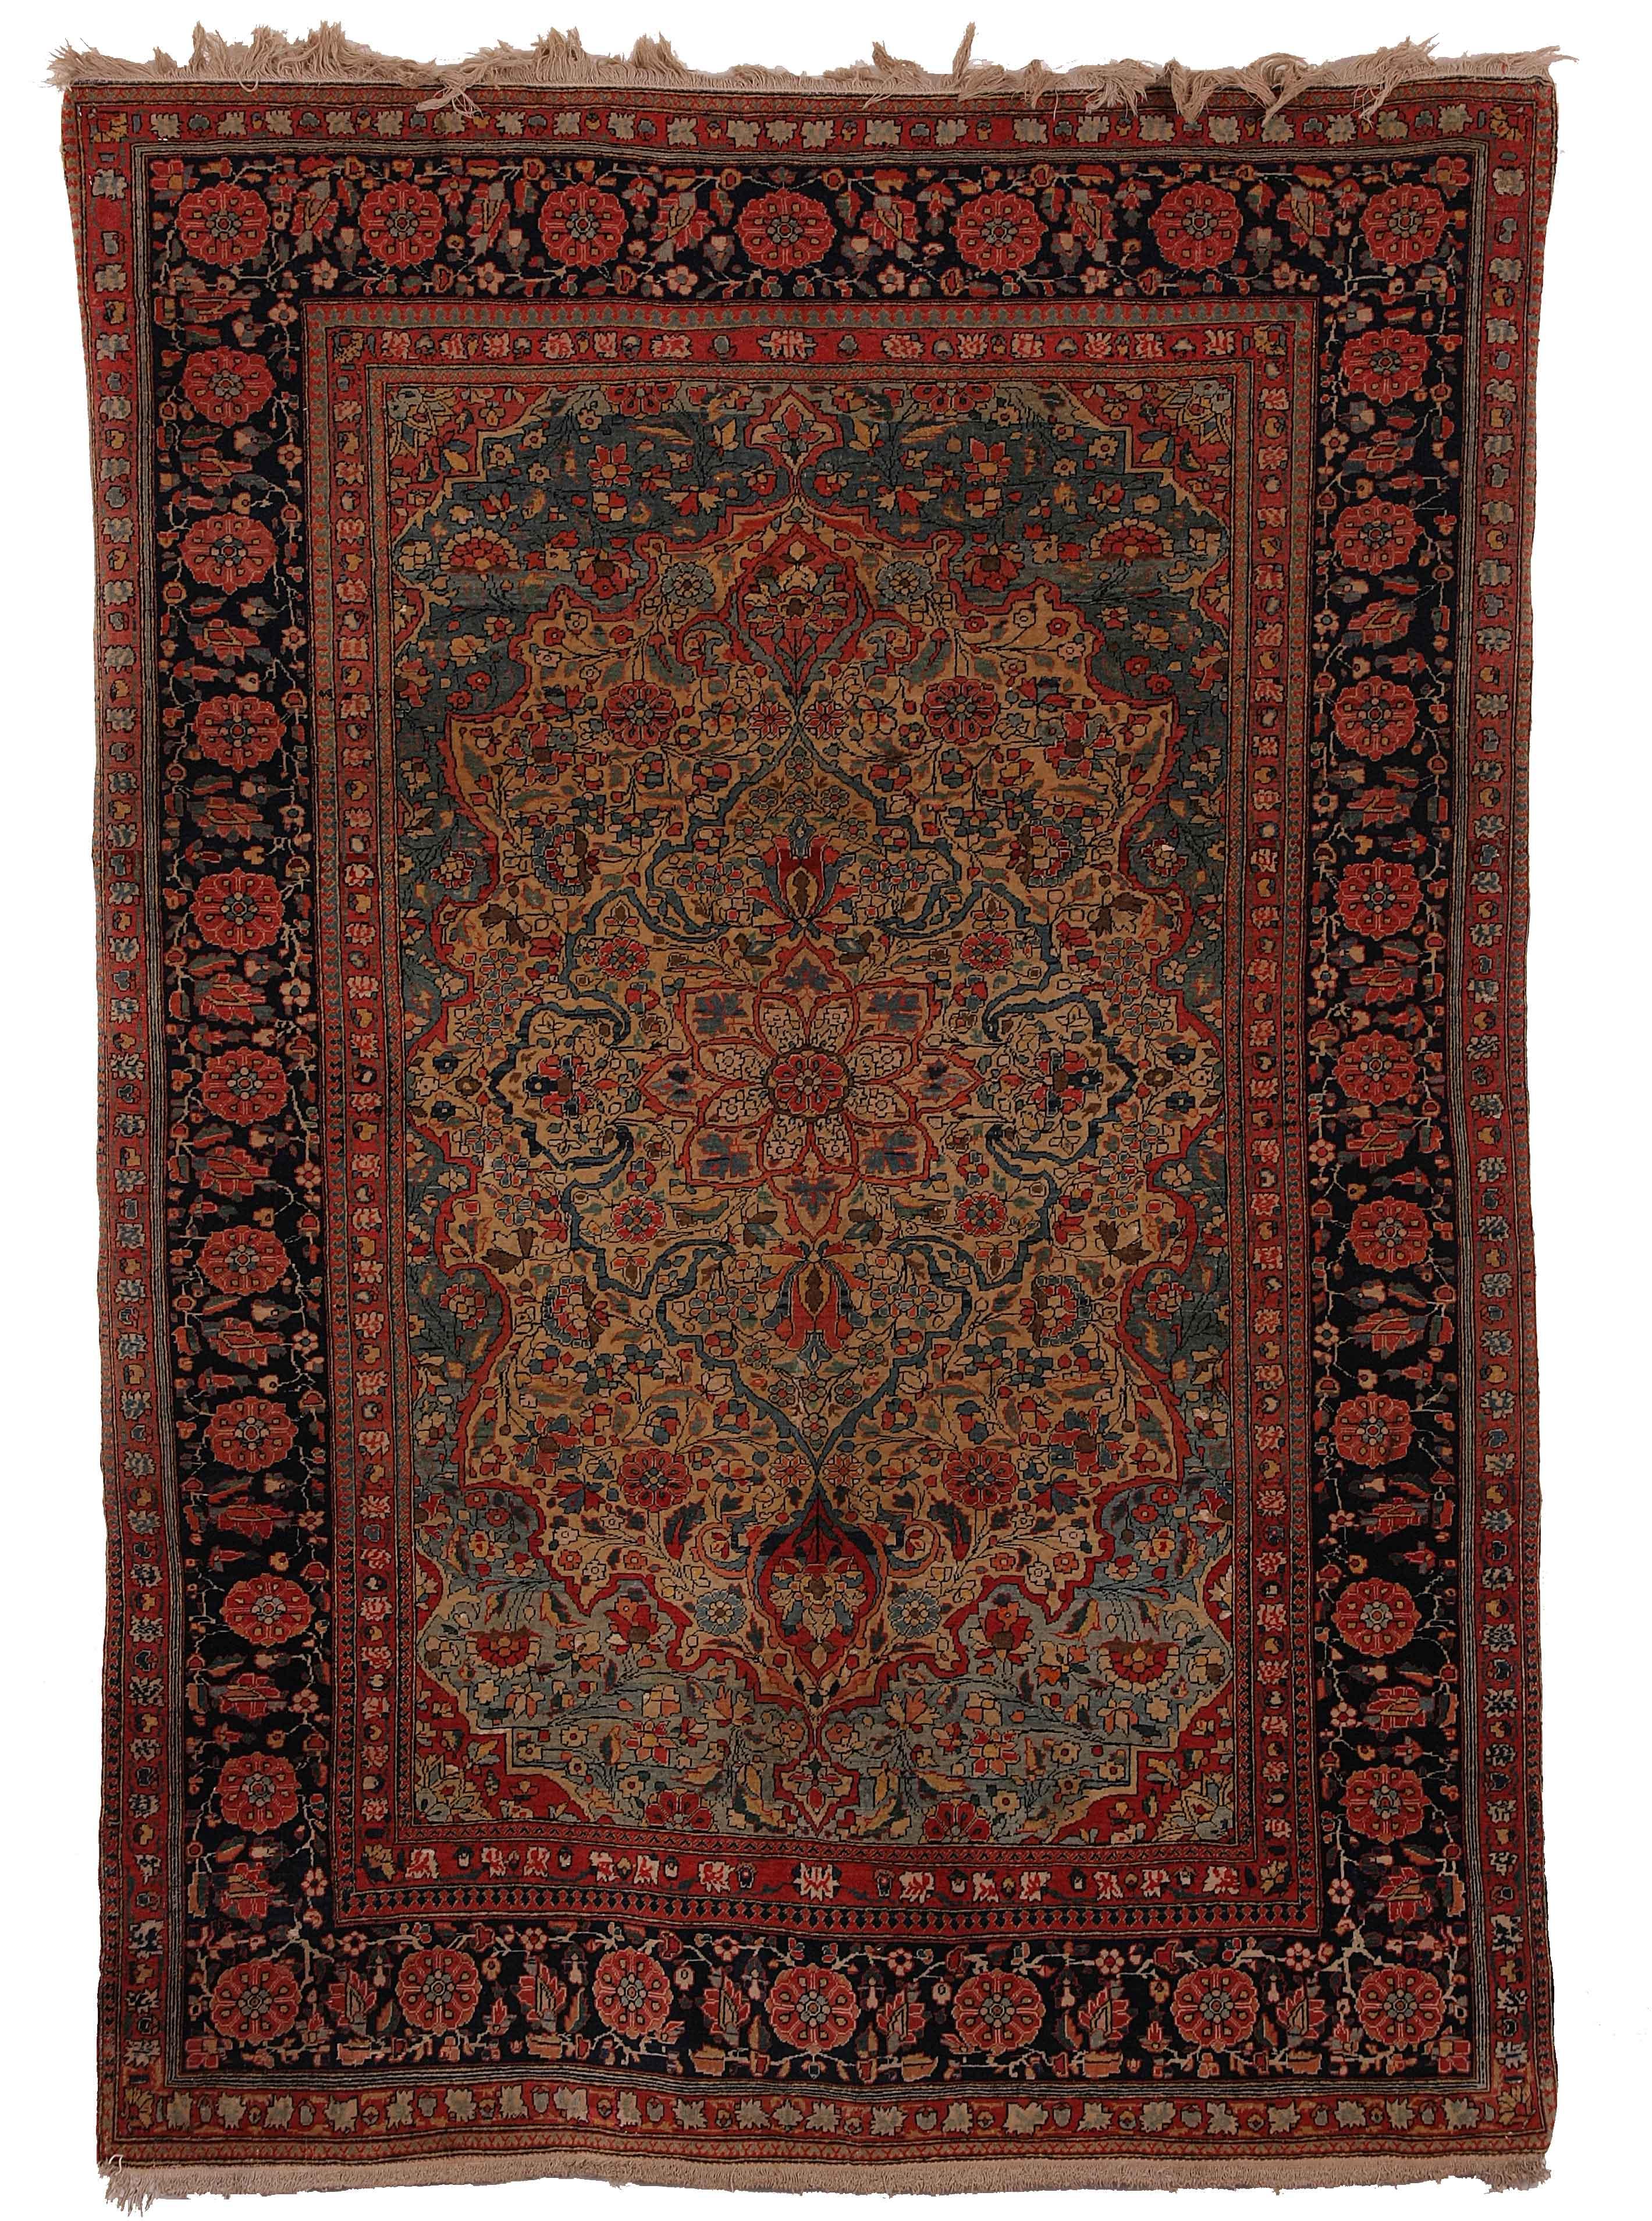 Antique Persian Kashan Carpet